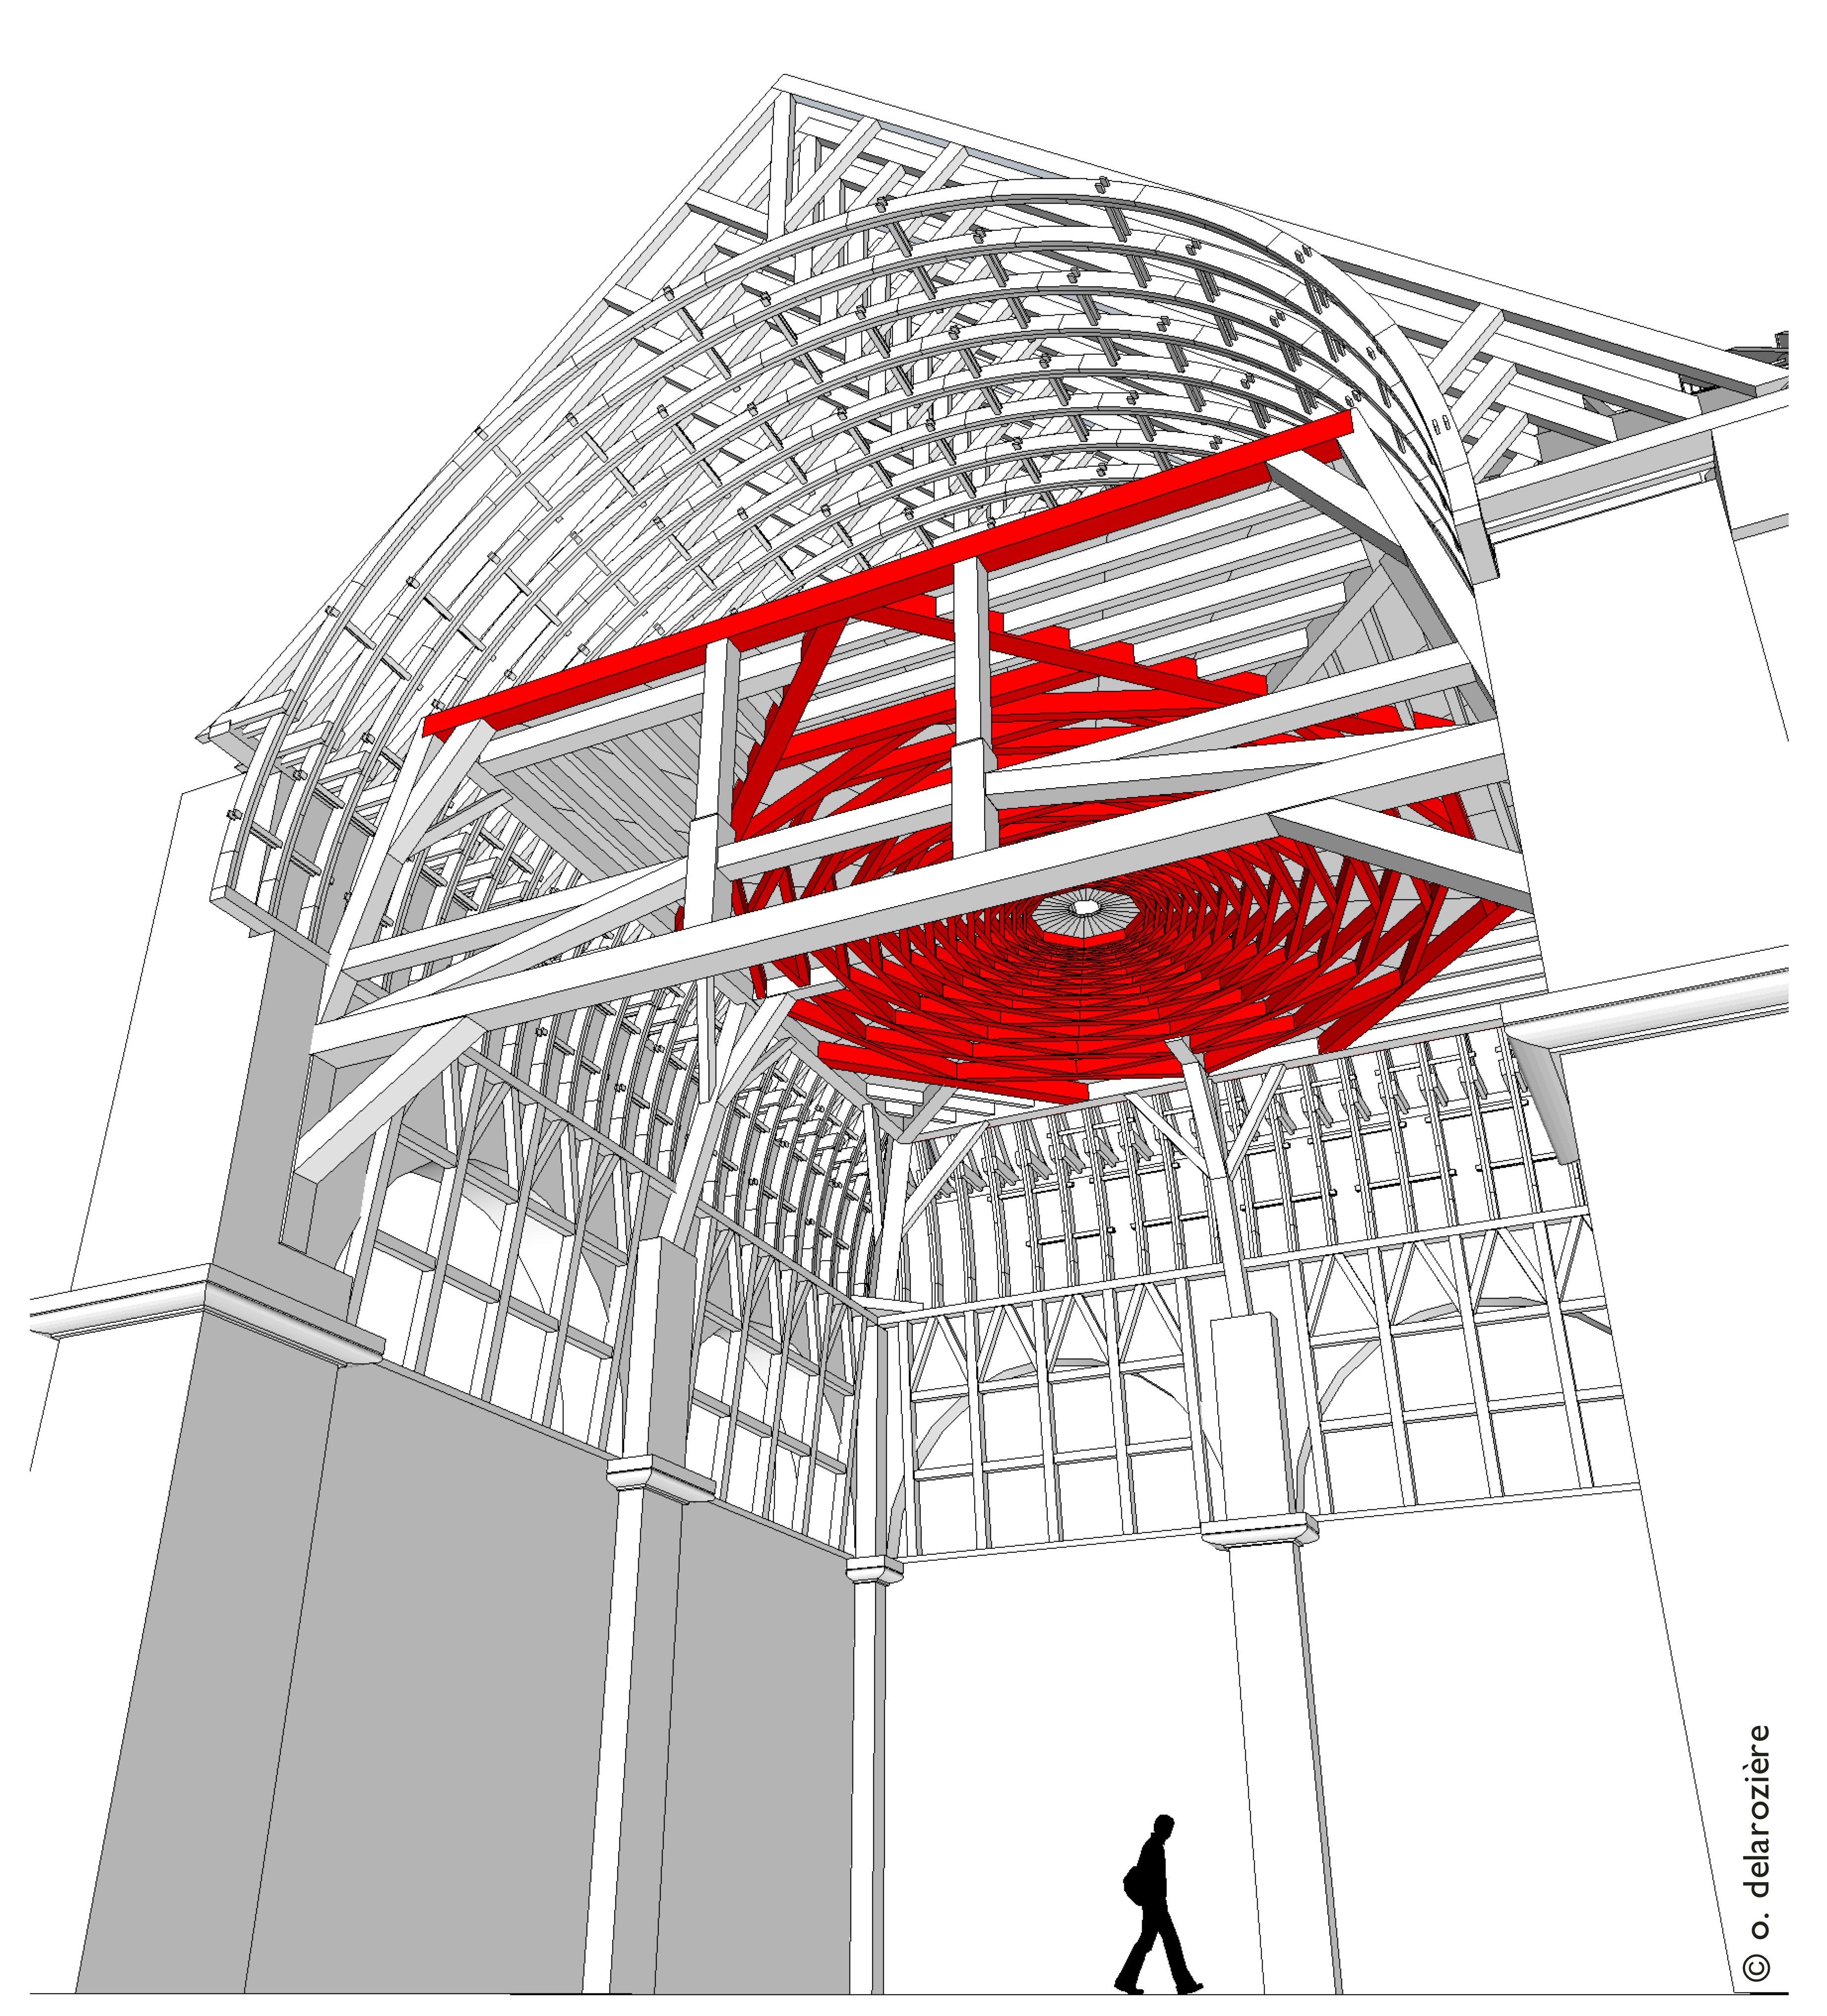 2010/27.11 – Camera Tectonica: Hypothèses Pour Un Fac-similé D'architecture.